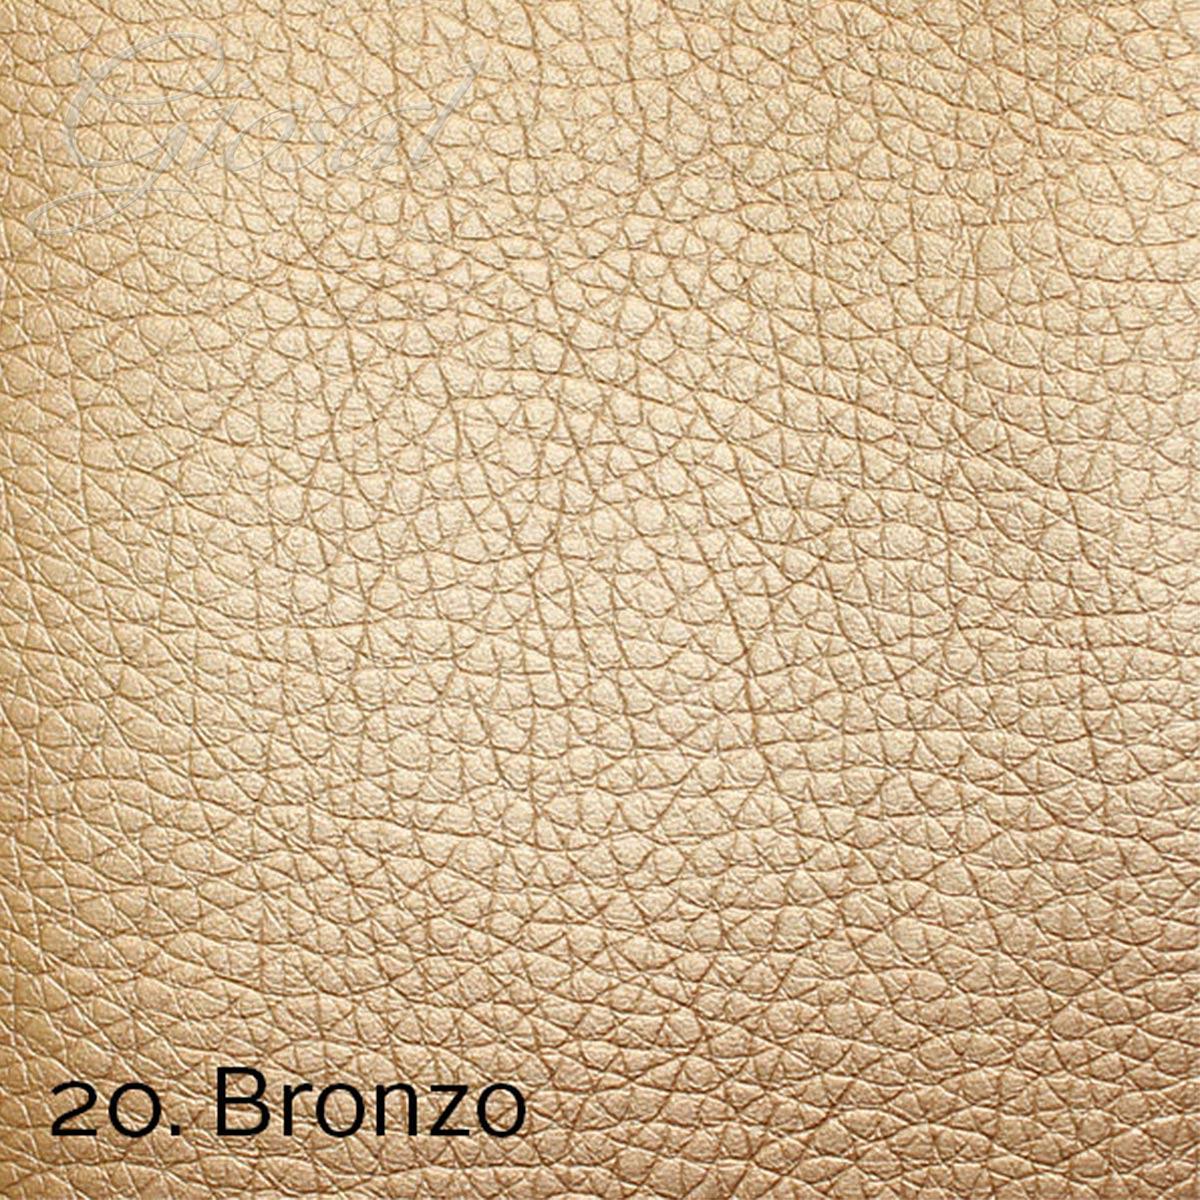 Copridivano in pelle stunning divani chateau duax catalogo con prezzi with copridivano in pelle - Copridivano angolare cuscini fissi ...